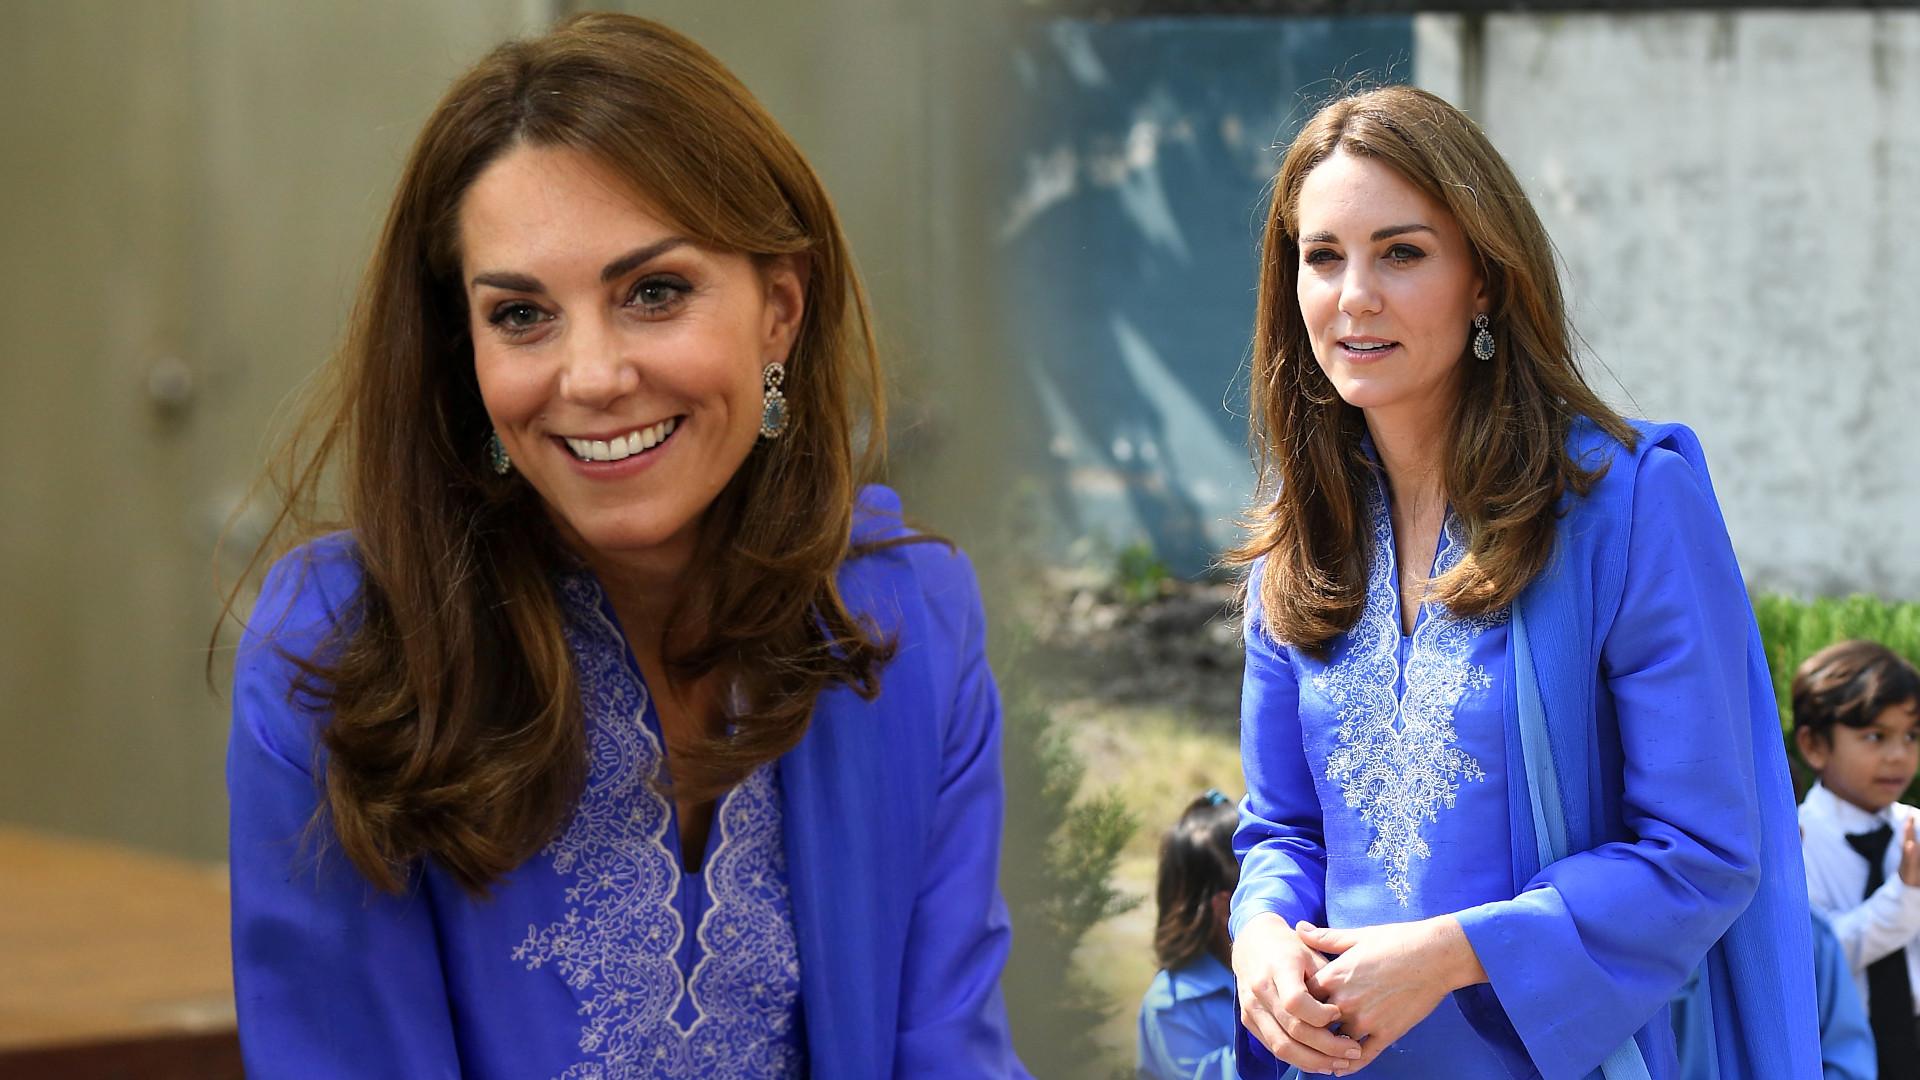 Księżna Kate w tradycyjnym stroju w Pakistanie. Dobrała do niego modne buty (ZDJĘCIA)